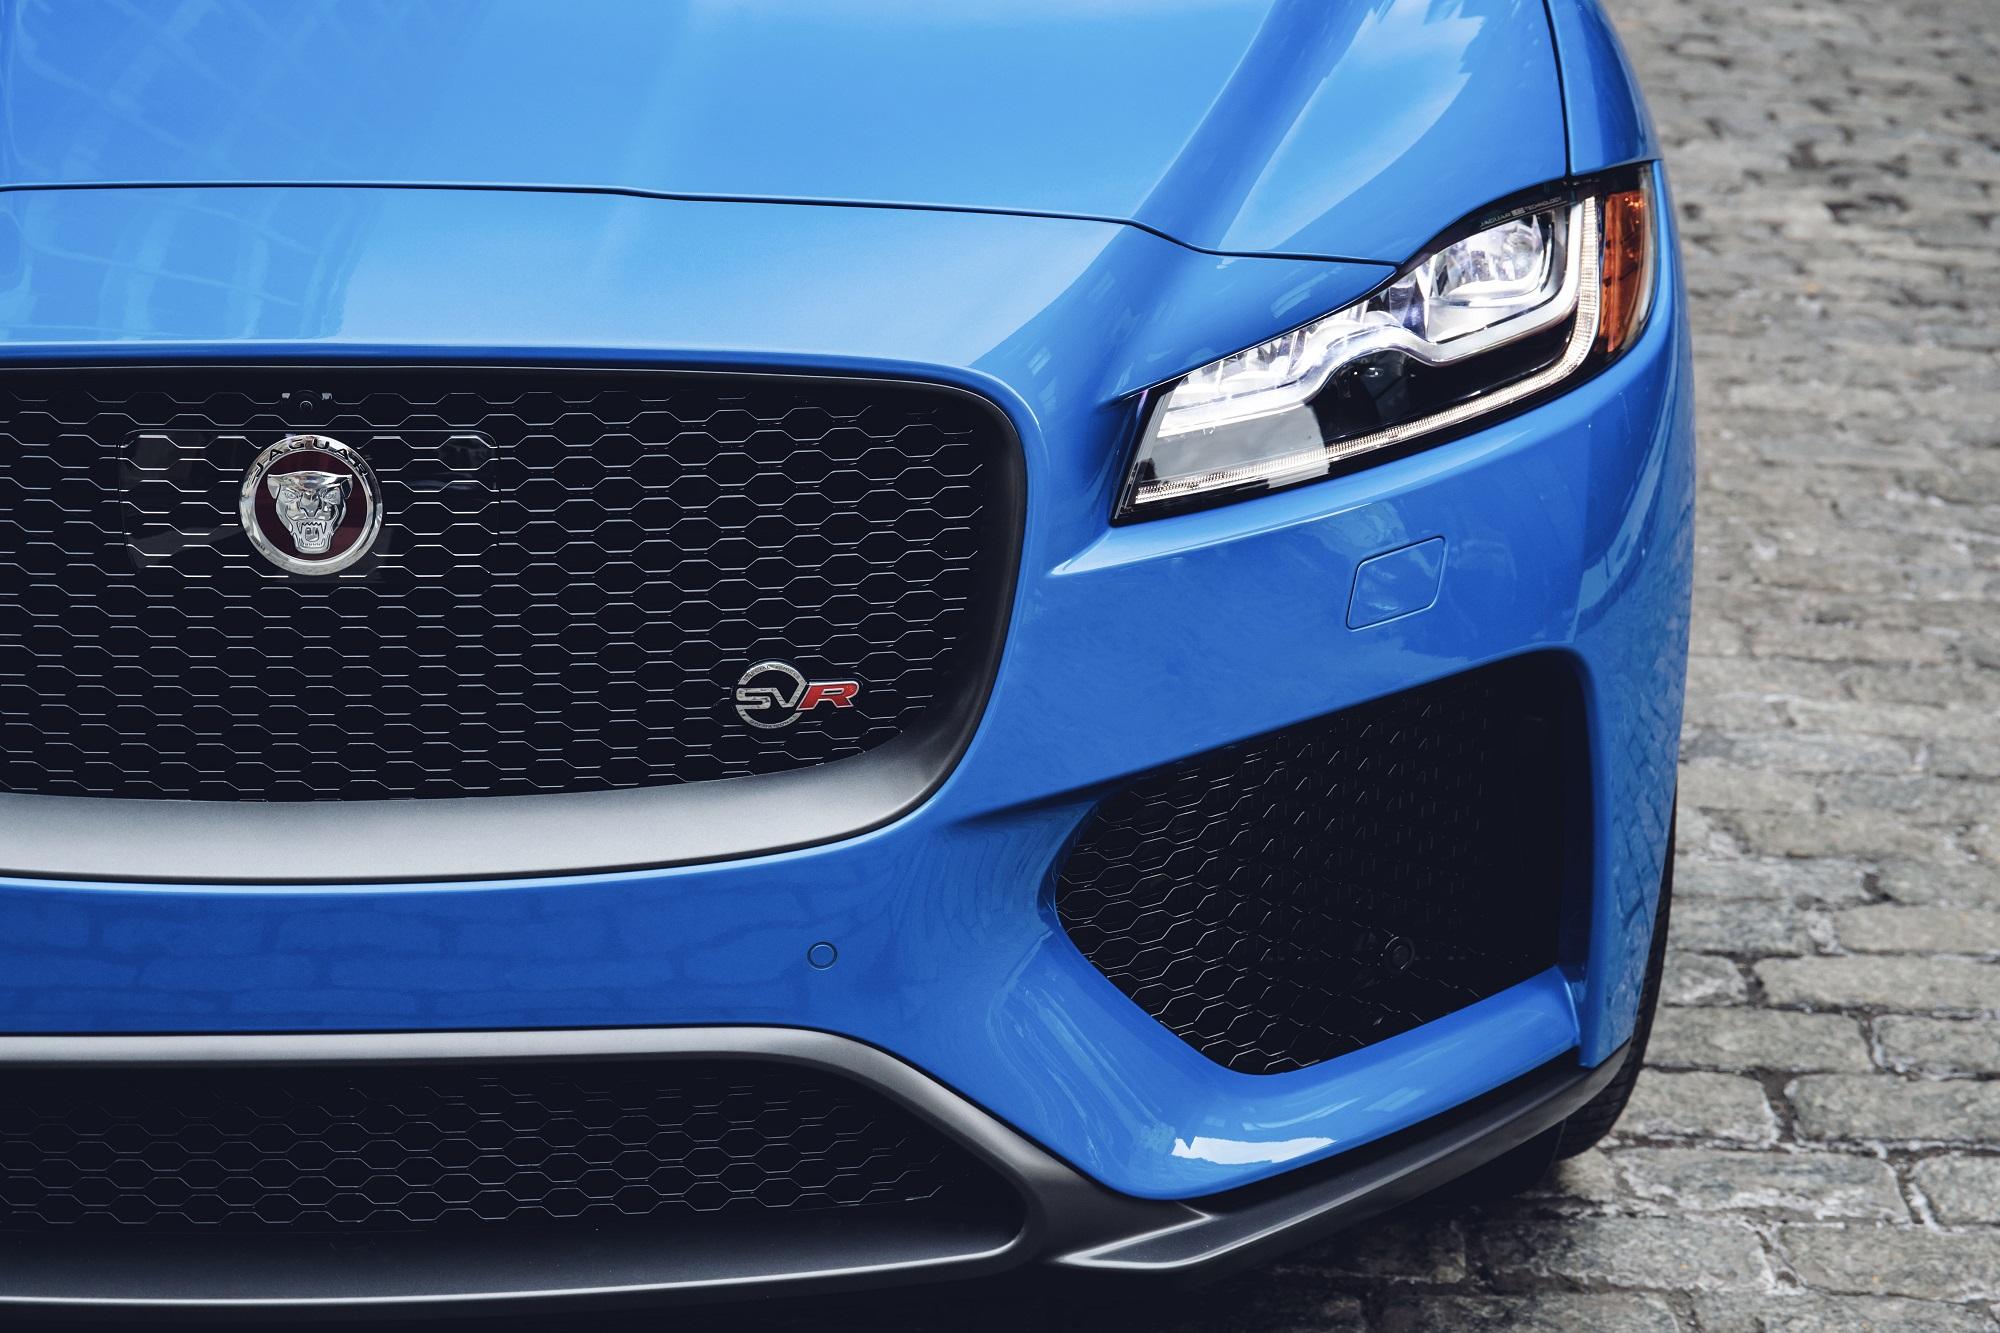 Jaguarforums.com 2019 2018 Jaguar F-PACE SVR News